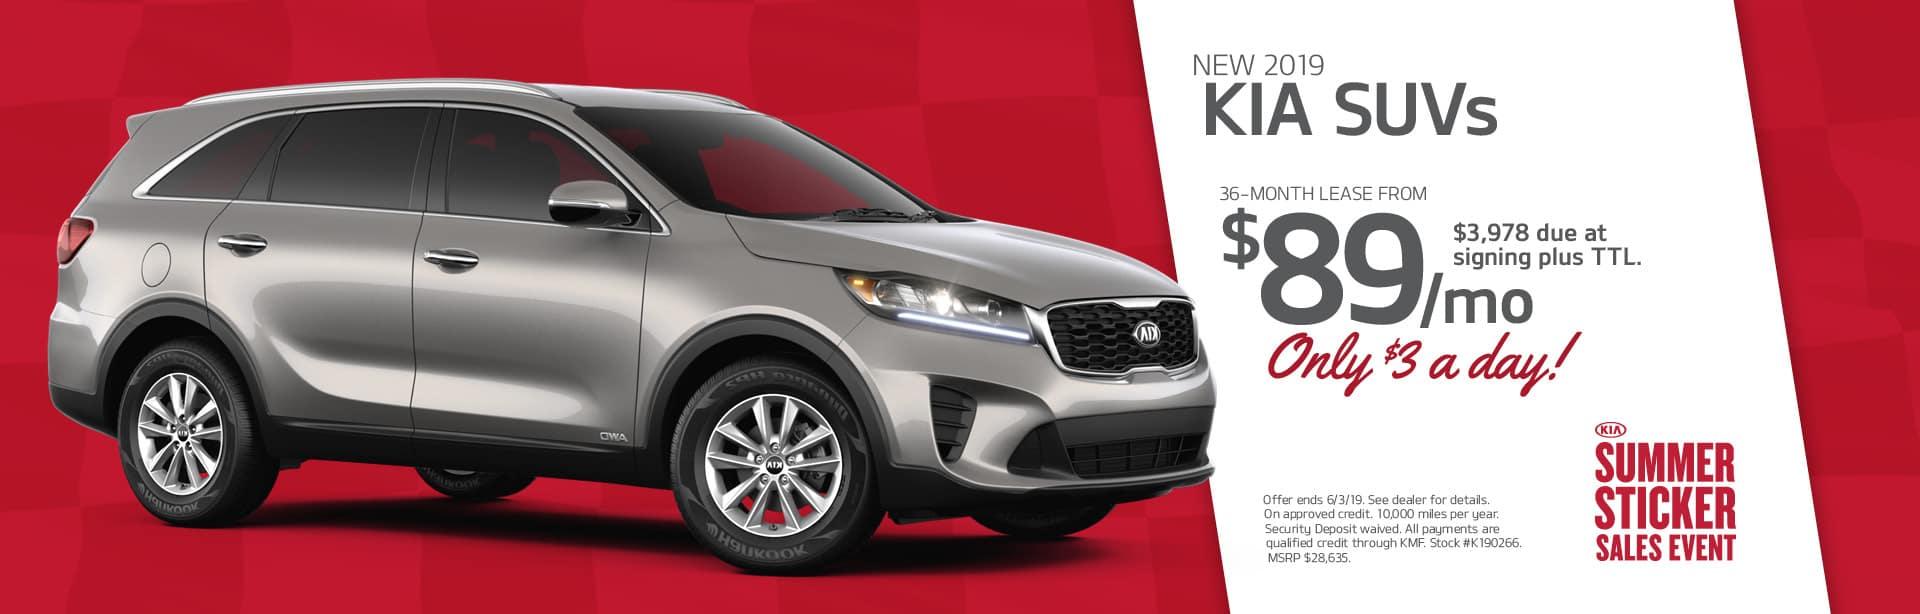 New Kia SUV - Sorento